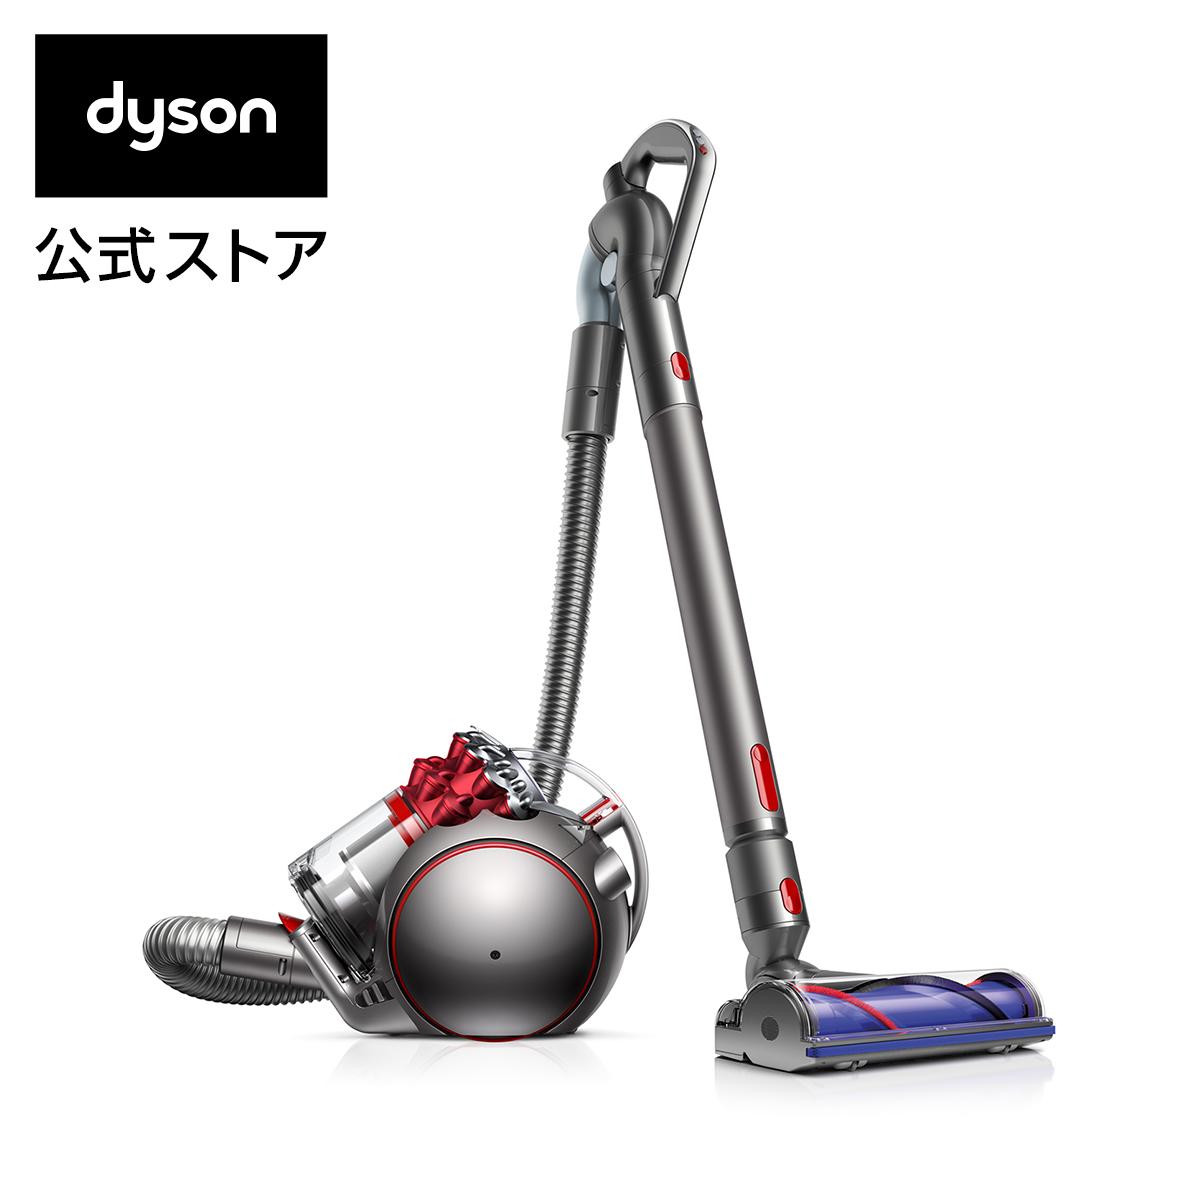 ダイソン Dyson V4 Digital Absolute サイクロン式 キャニスター型掃除機 CY29 ABL